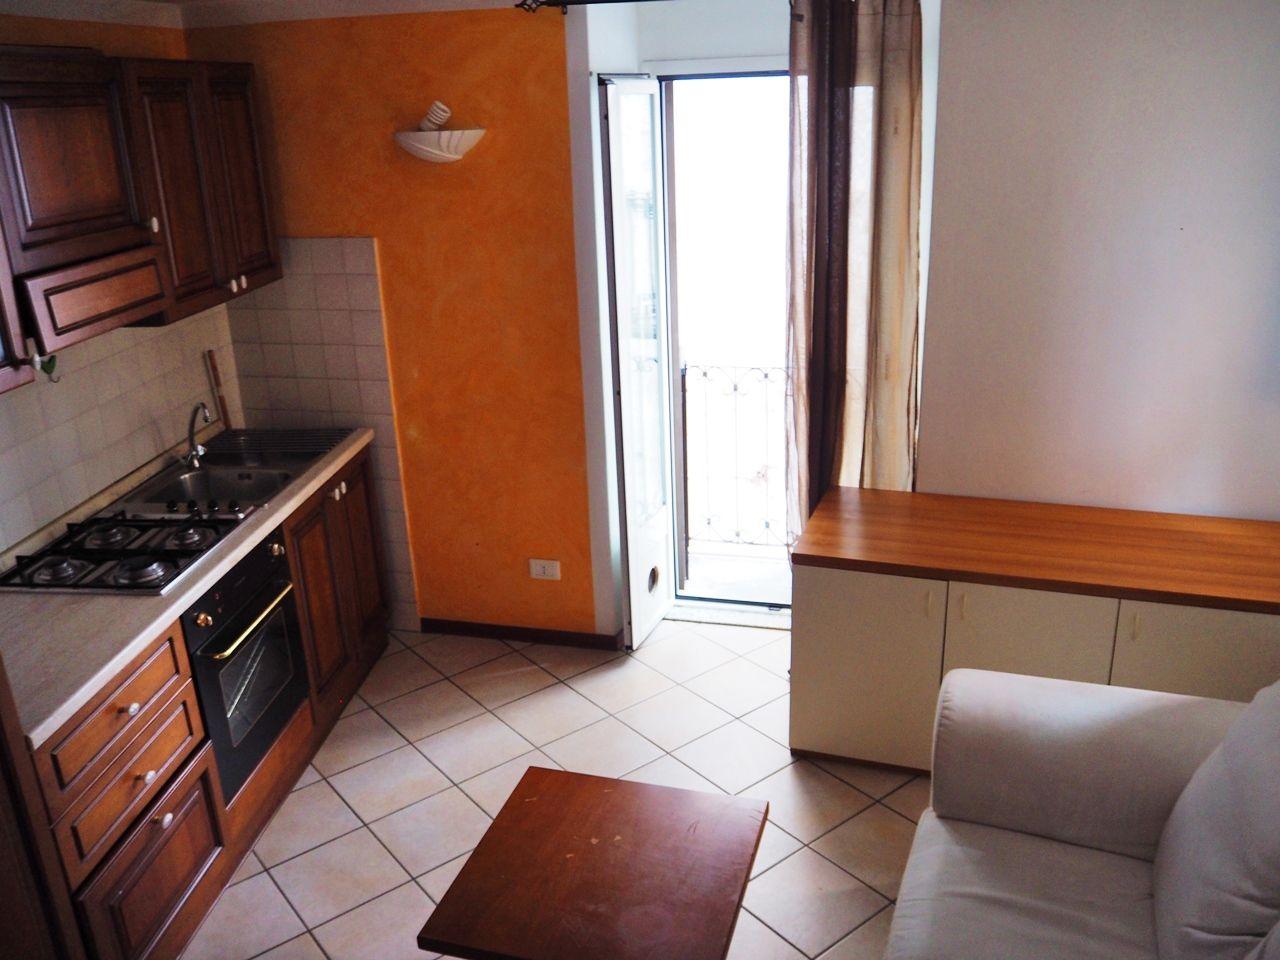 cucina balconcino